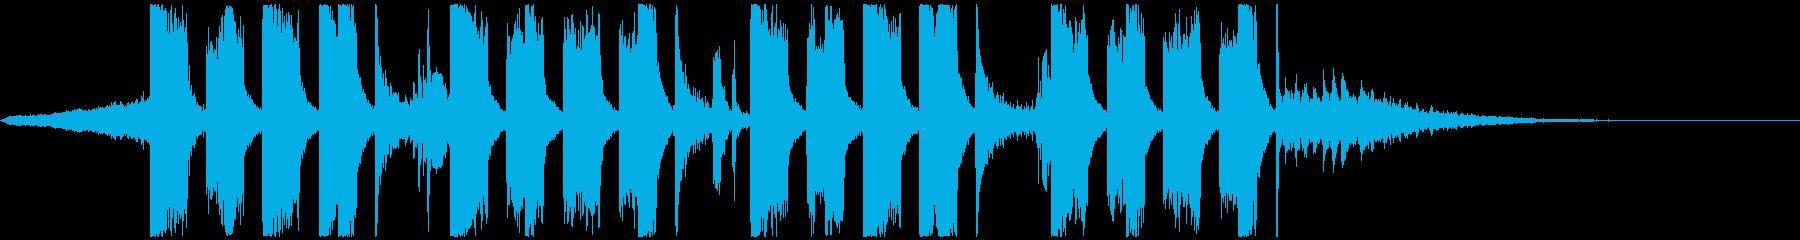 ジングル向けFuture Bass1の再生済みの波形